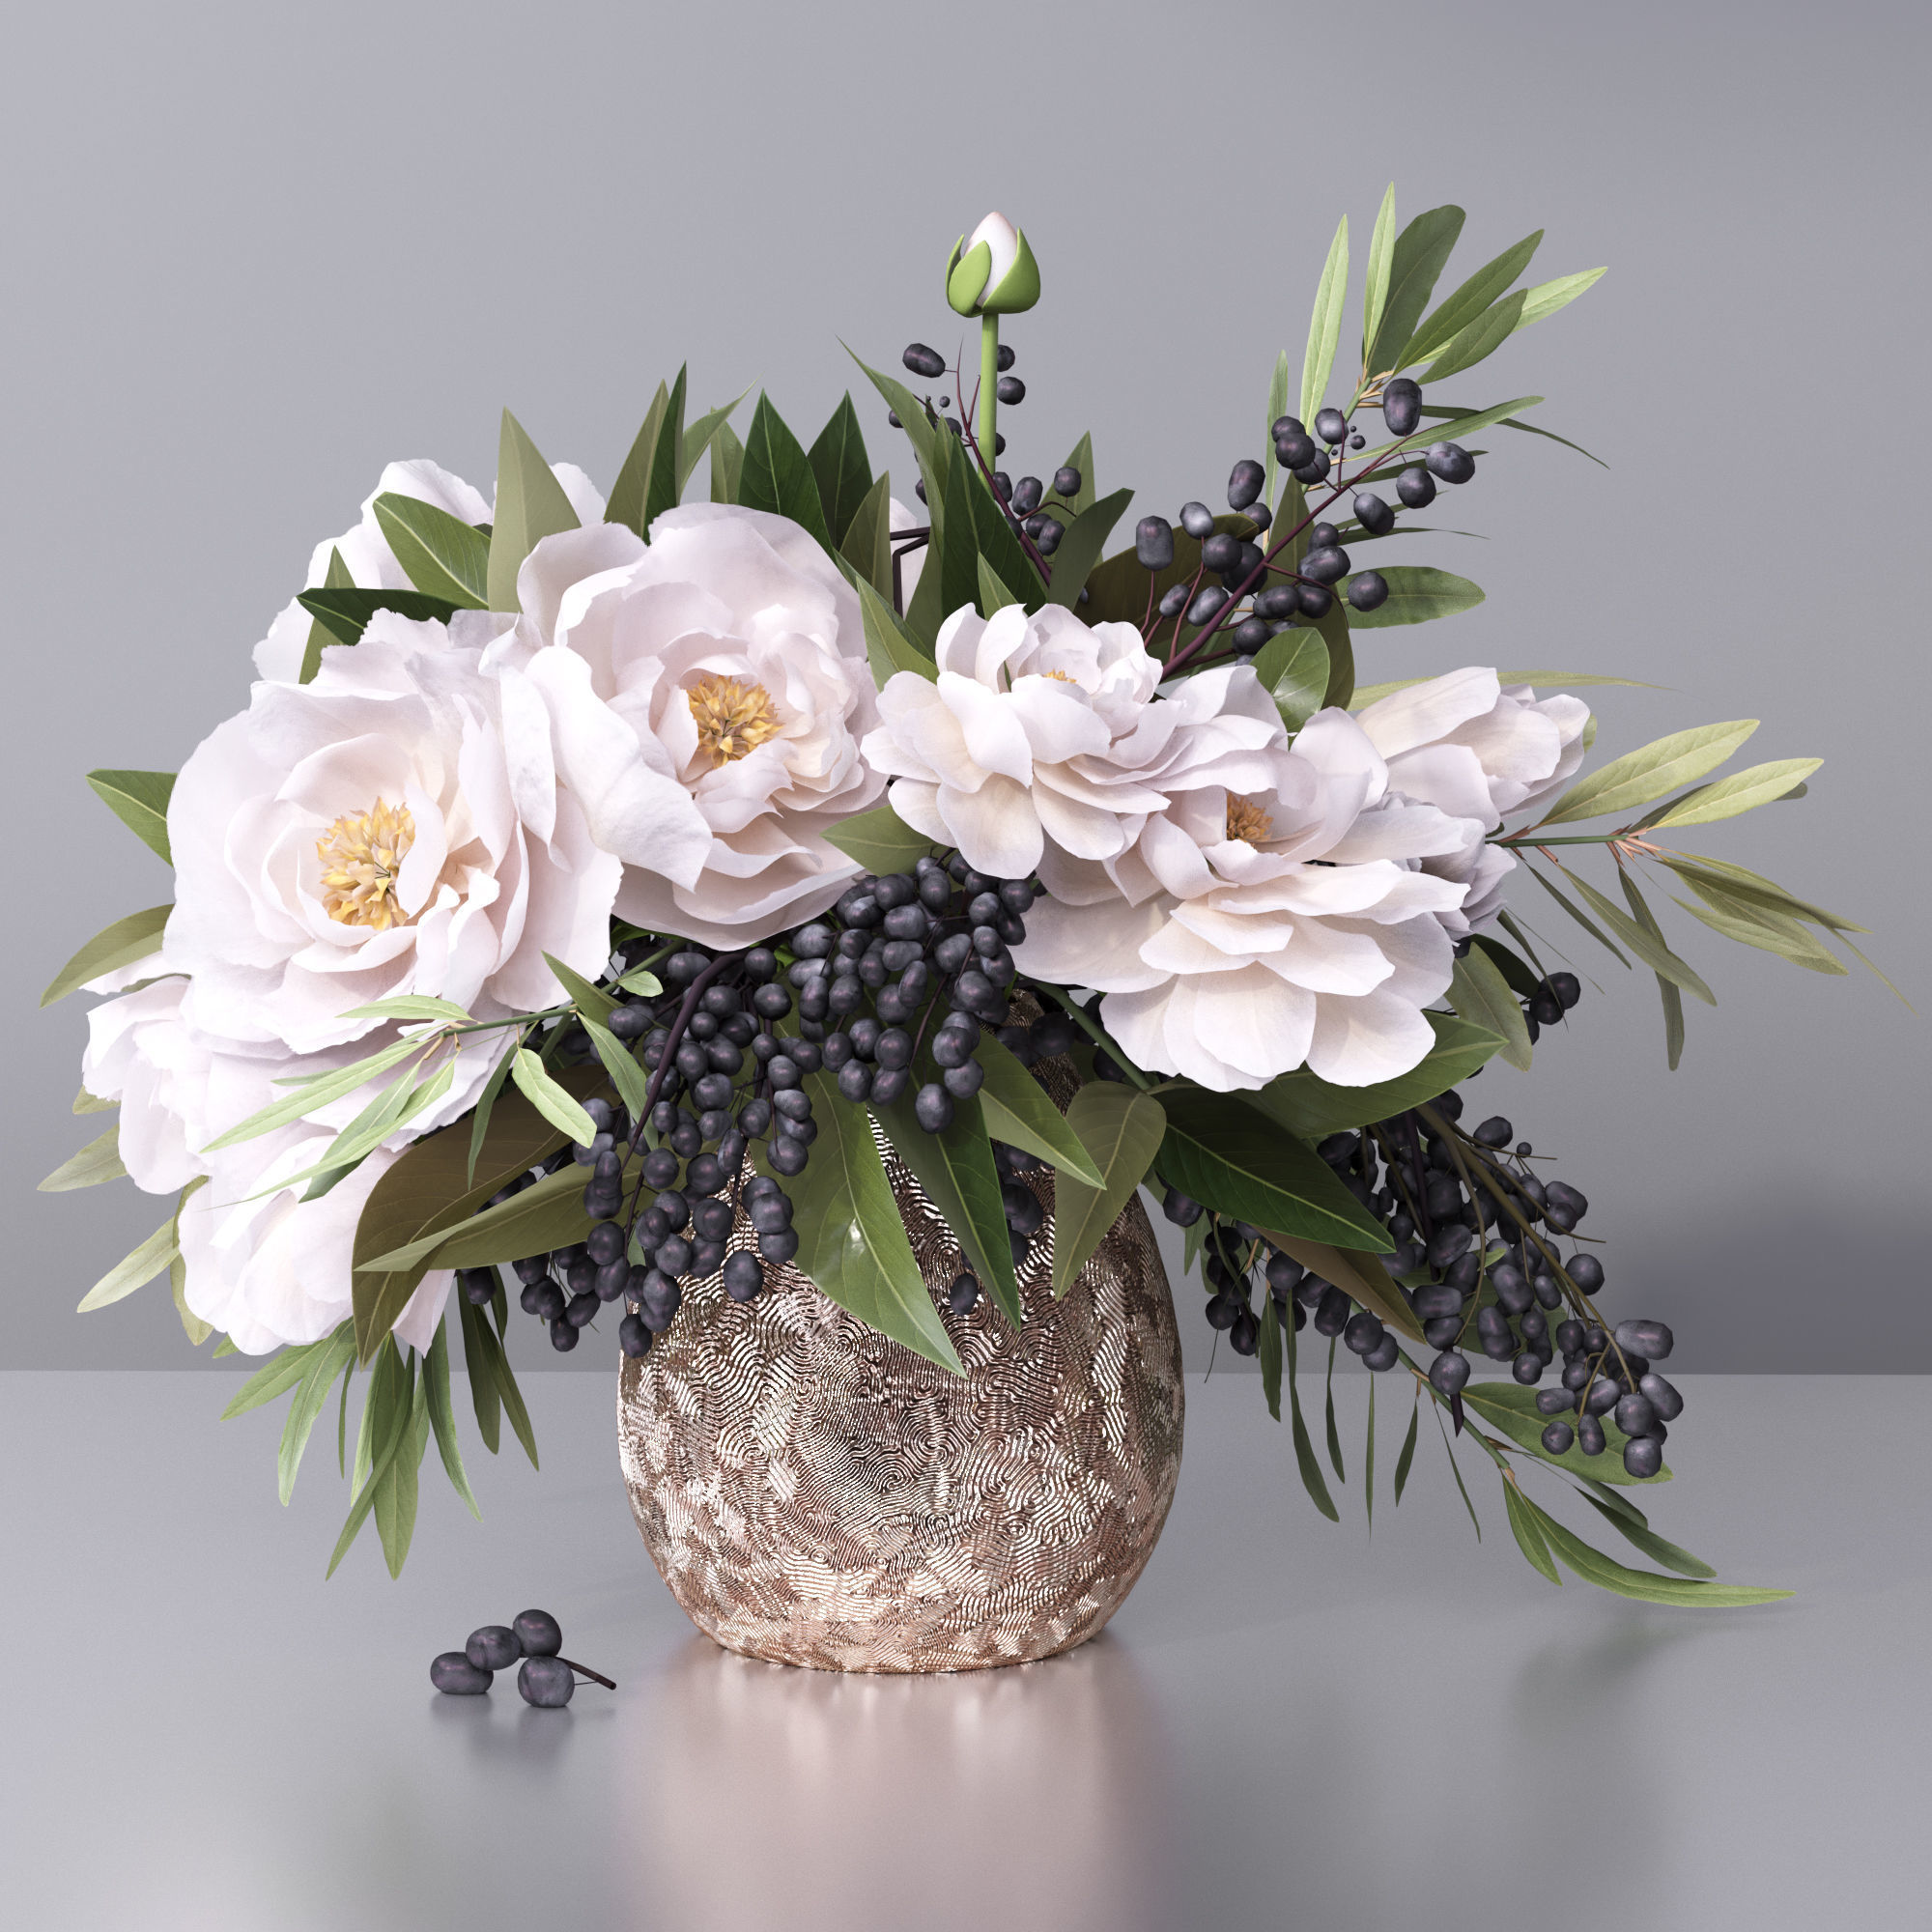 Classy Flower Vase Flowers Vase 3d Cgtrader